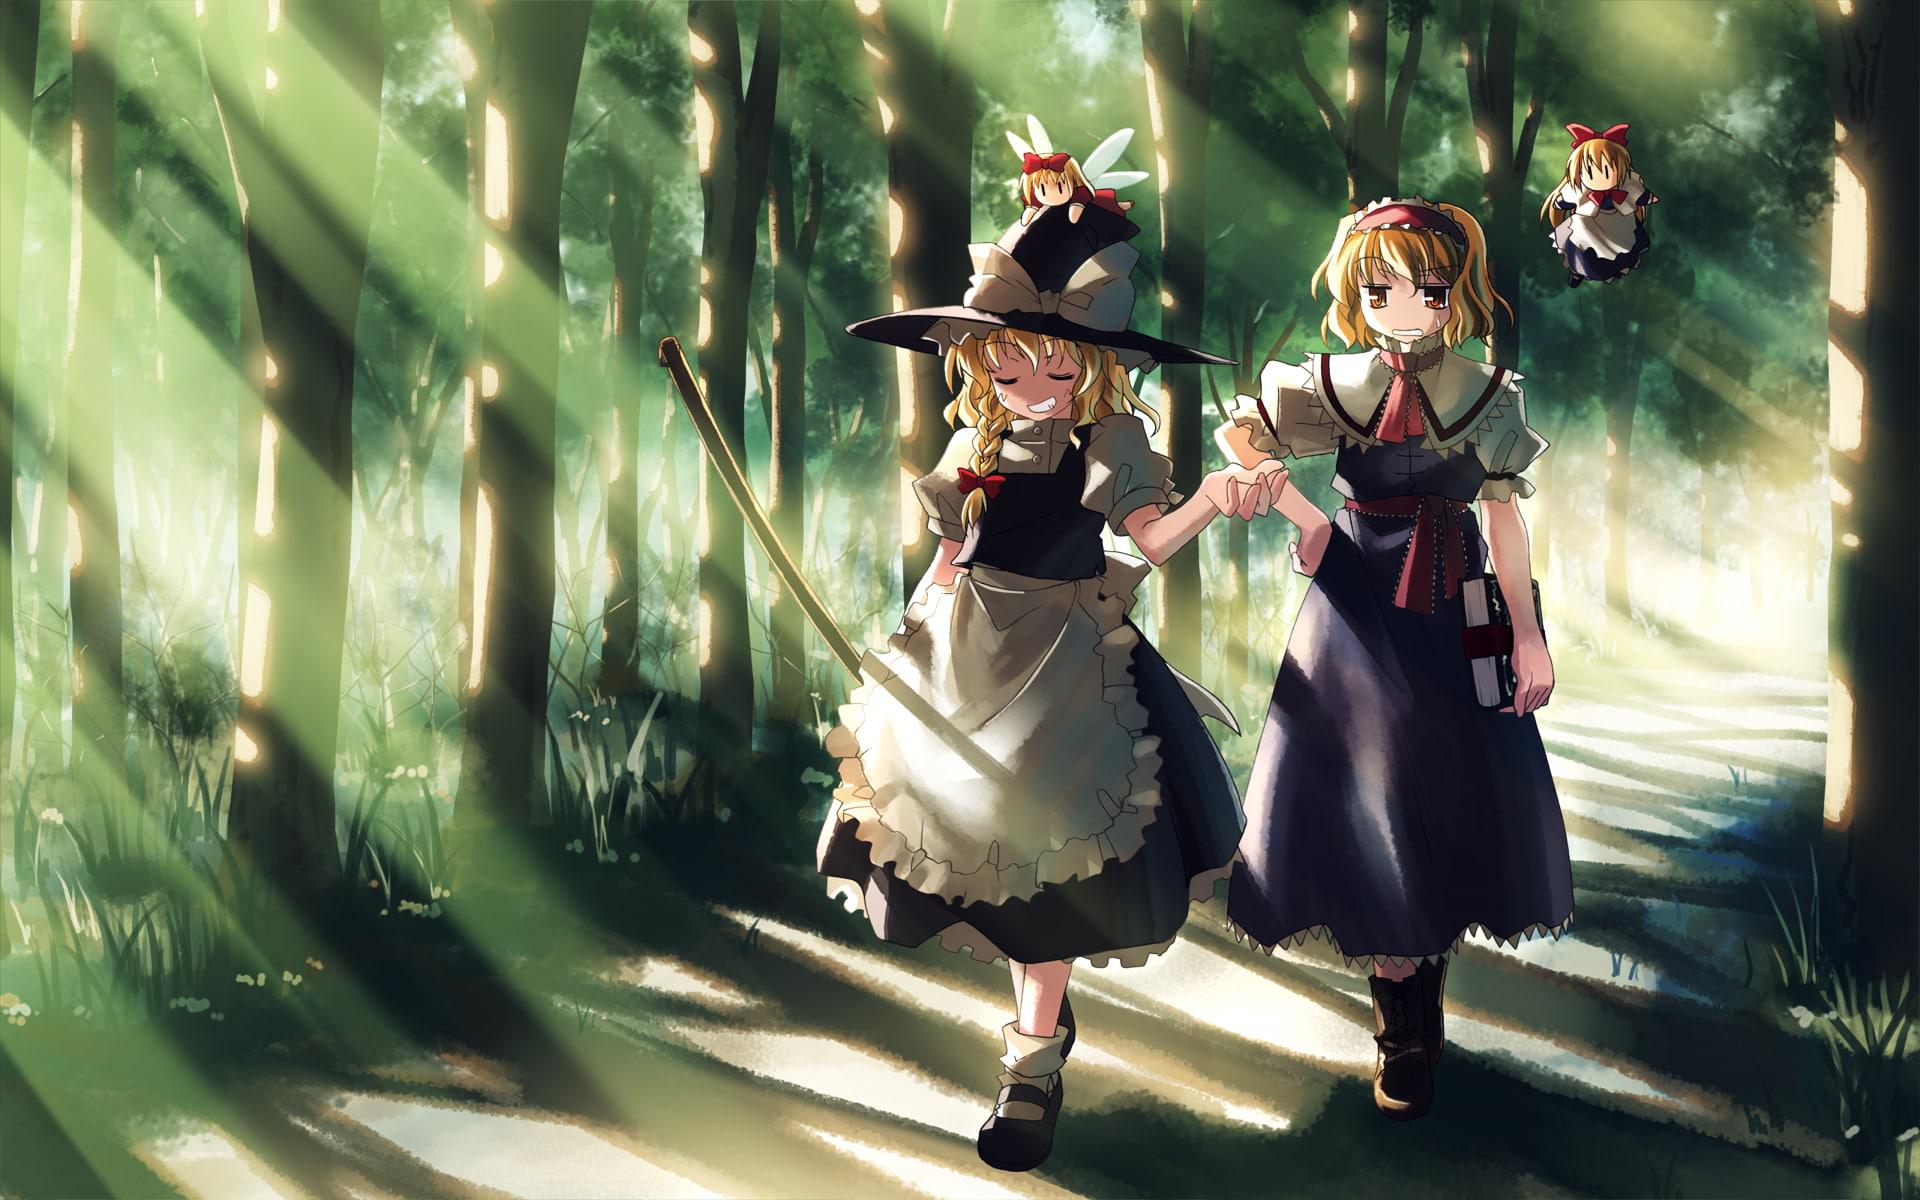 HD wallpaper Saigyouji Yuyuko Izayoi Sakuya Touhou Konpaku 1920x1200